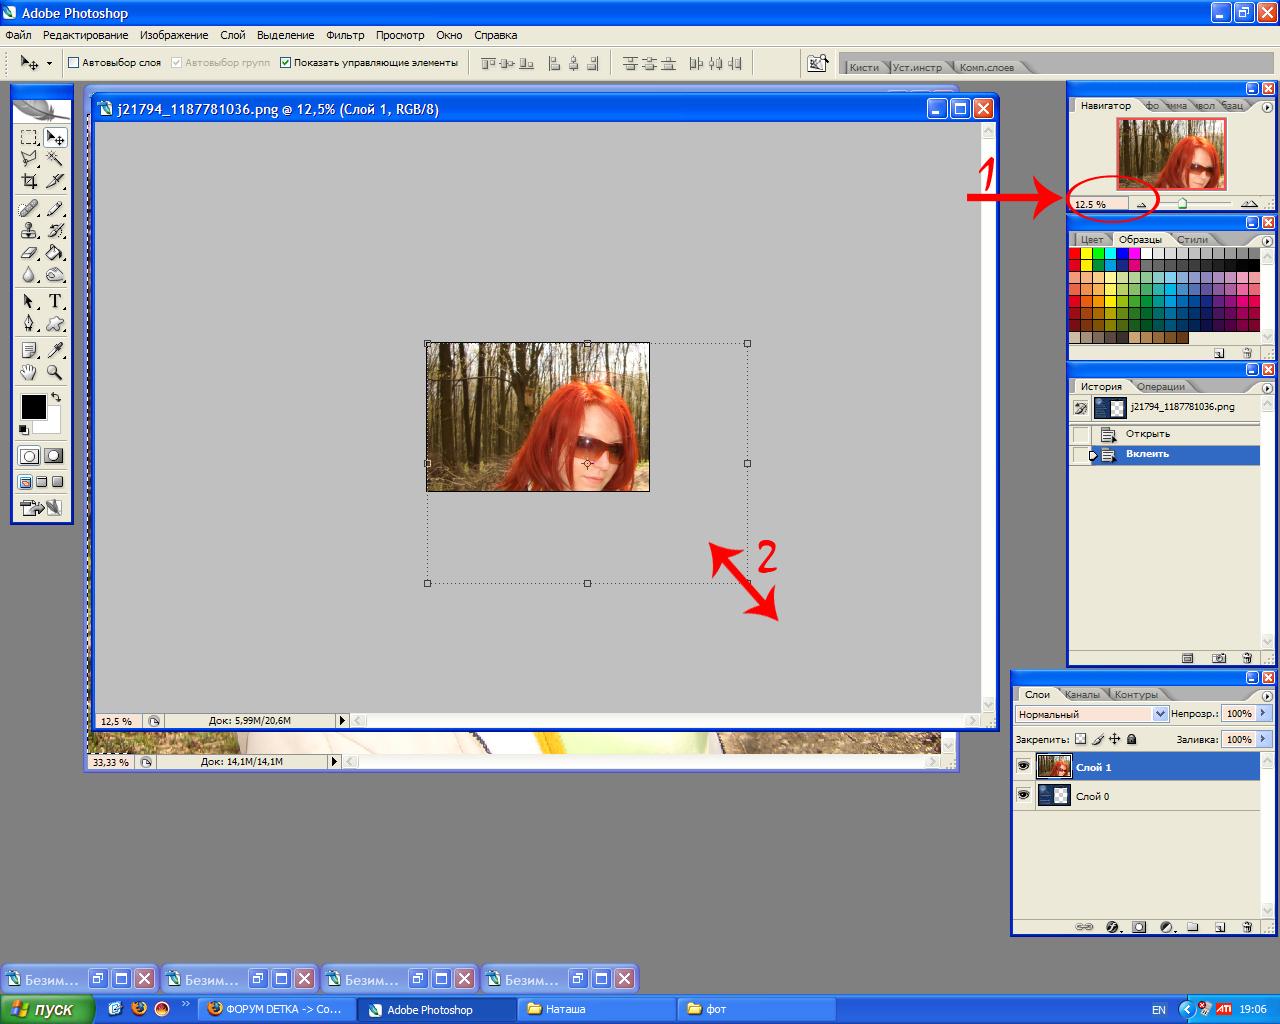 Как уменьшить изображение фотошоп